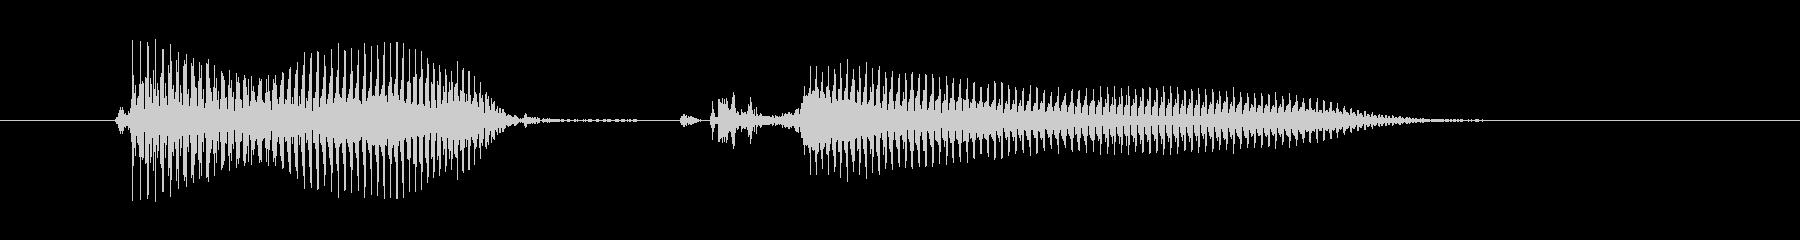 オーケー(こども)の未再生の波形